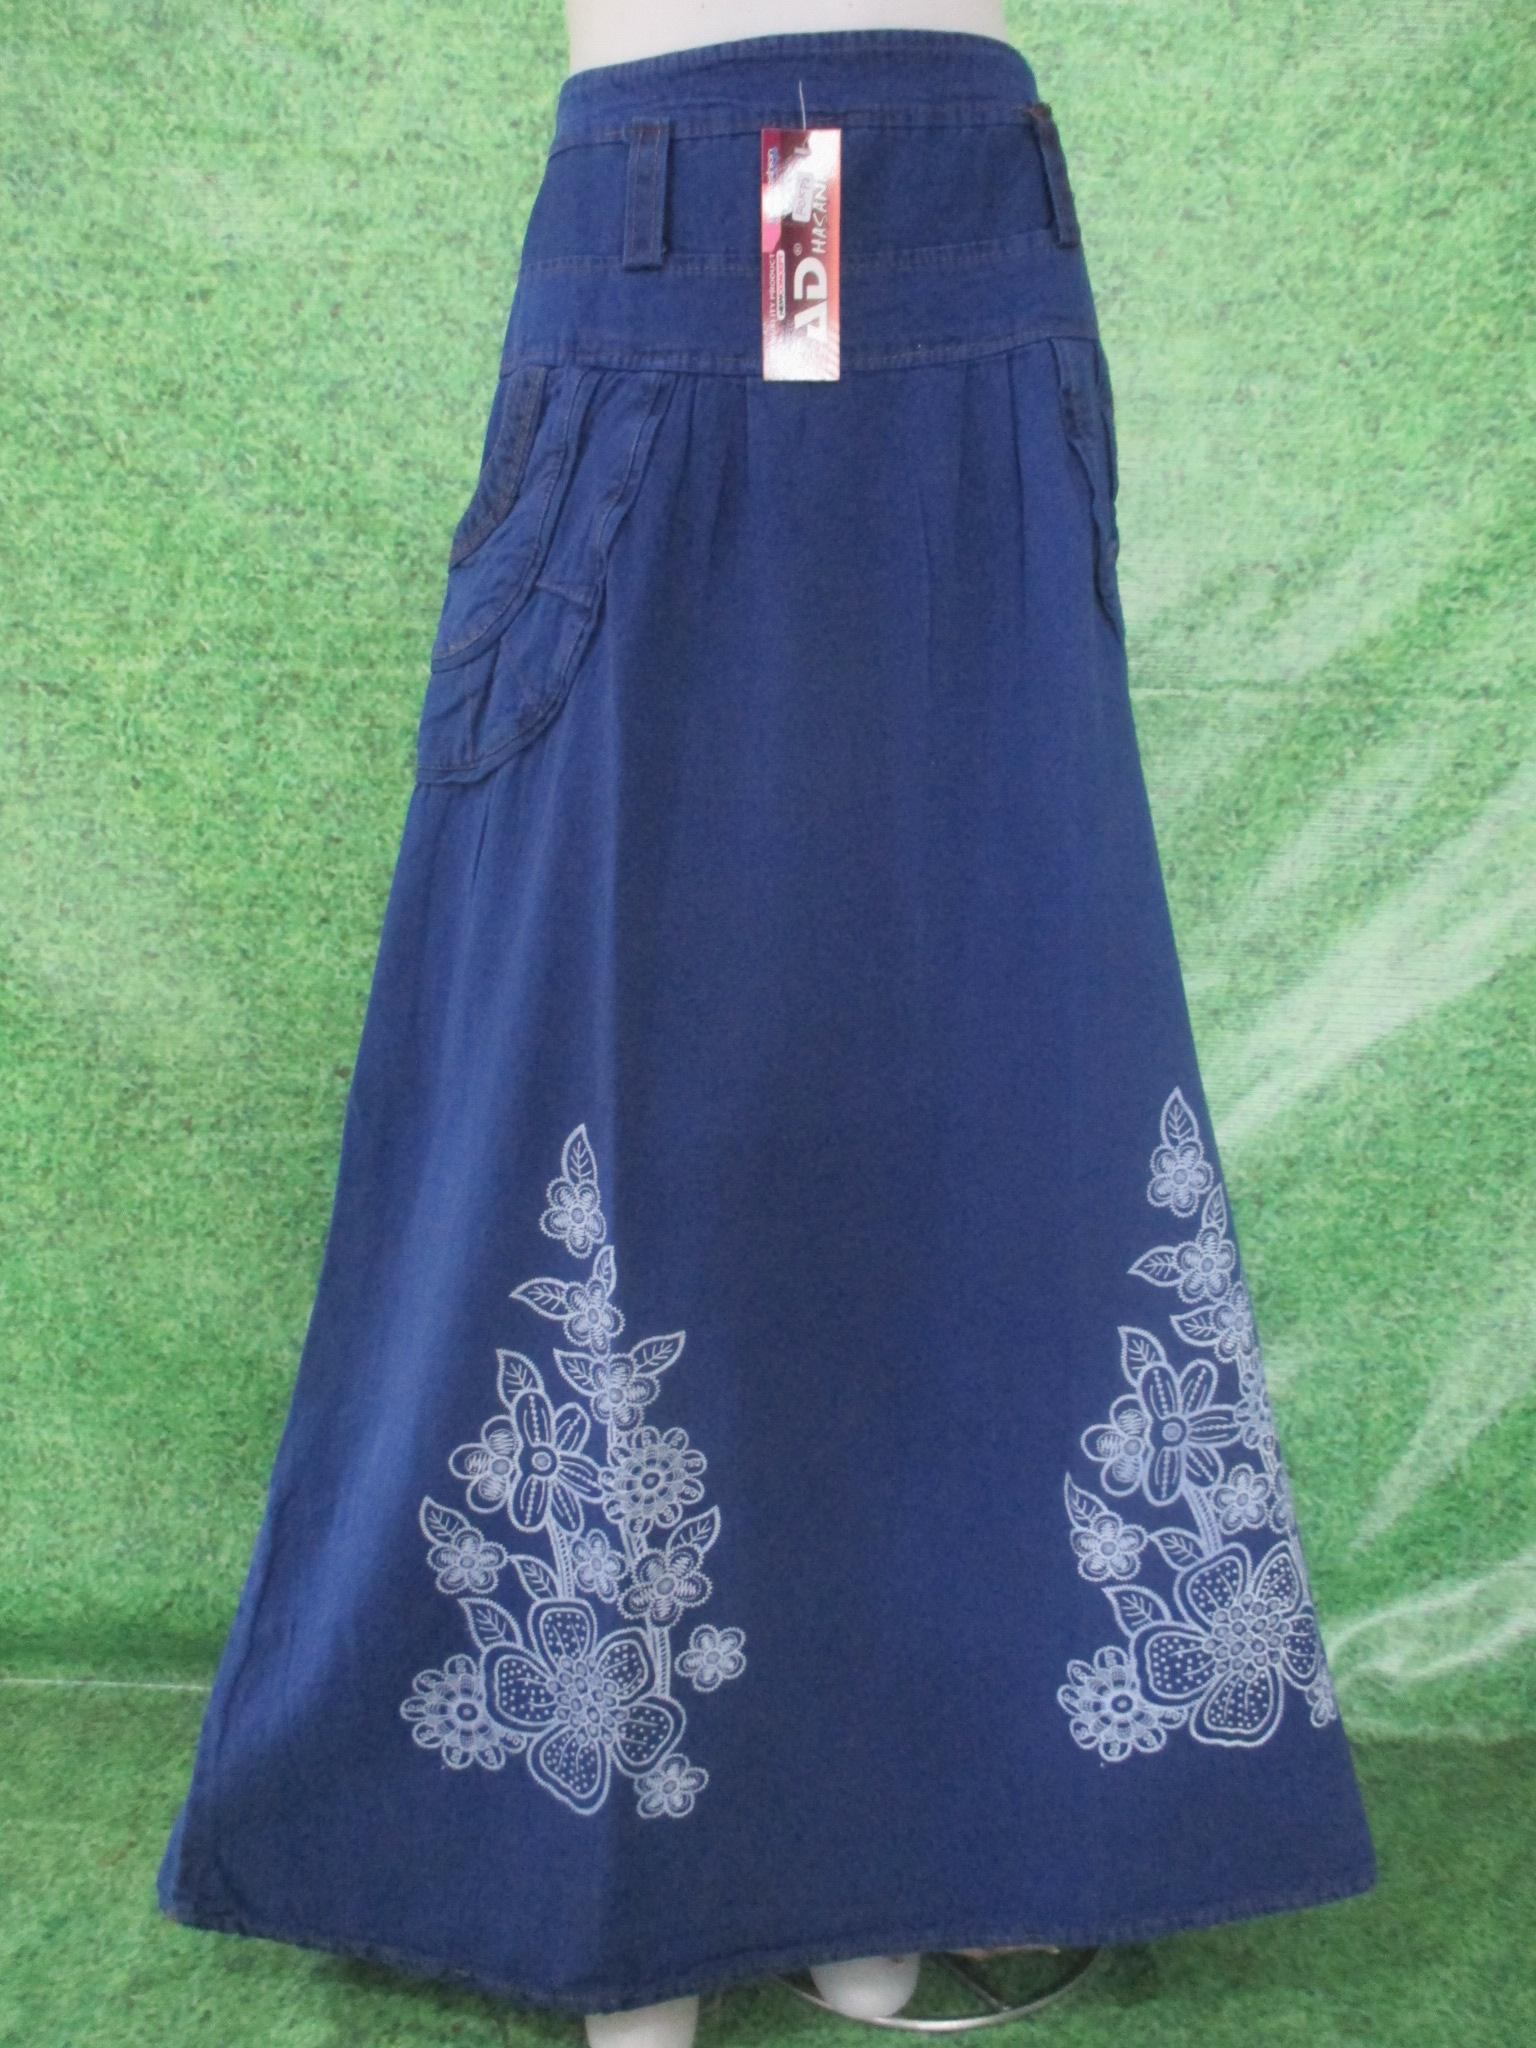 ObralanBaju.com Obral Baju Pakaian Murah Meriah 5000 Rok Jeans Dewasa